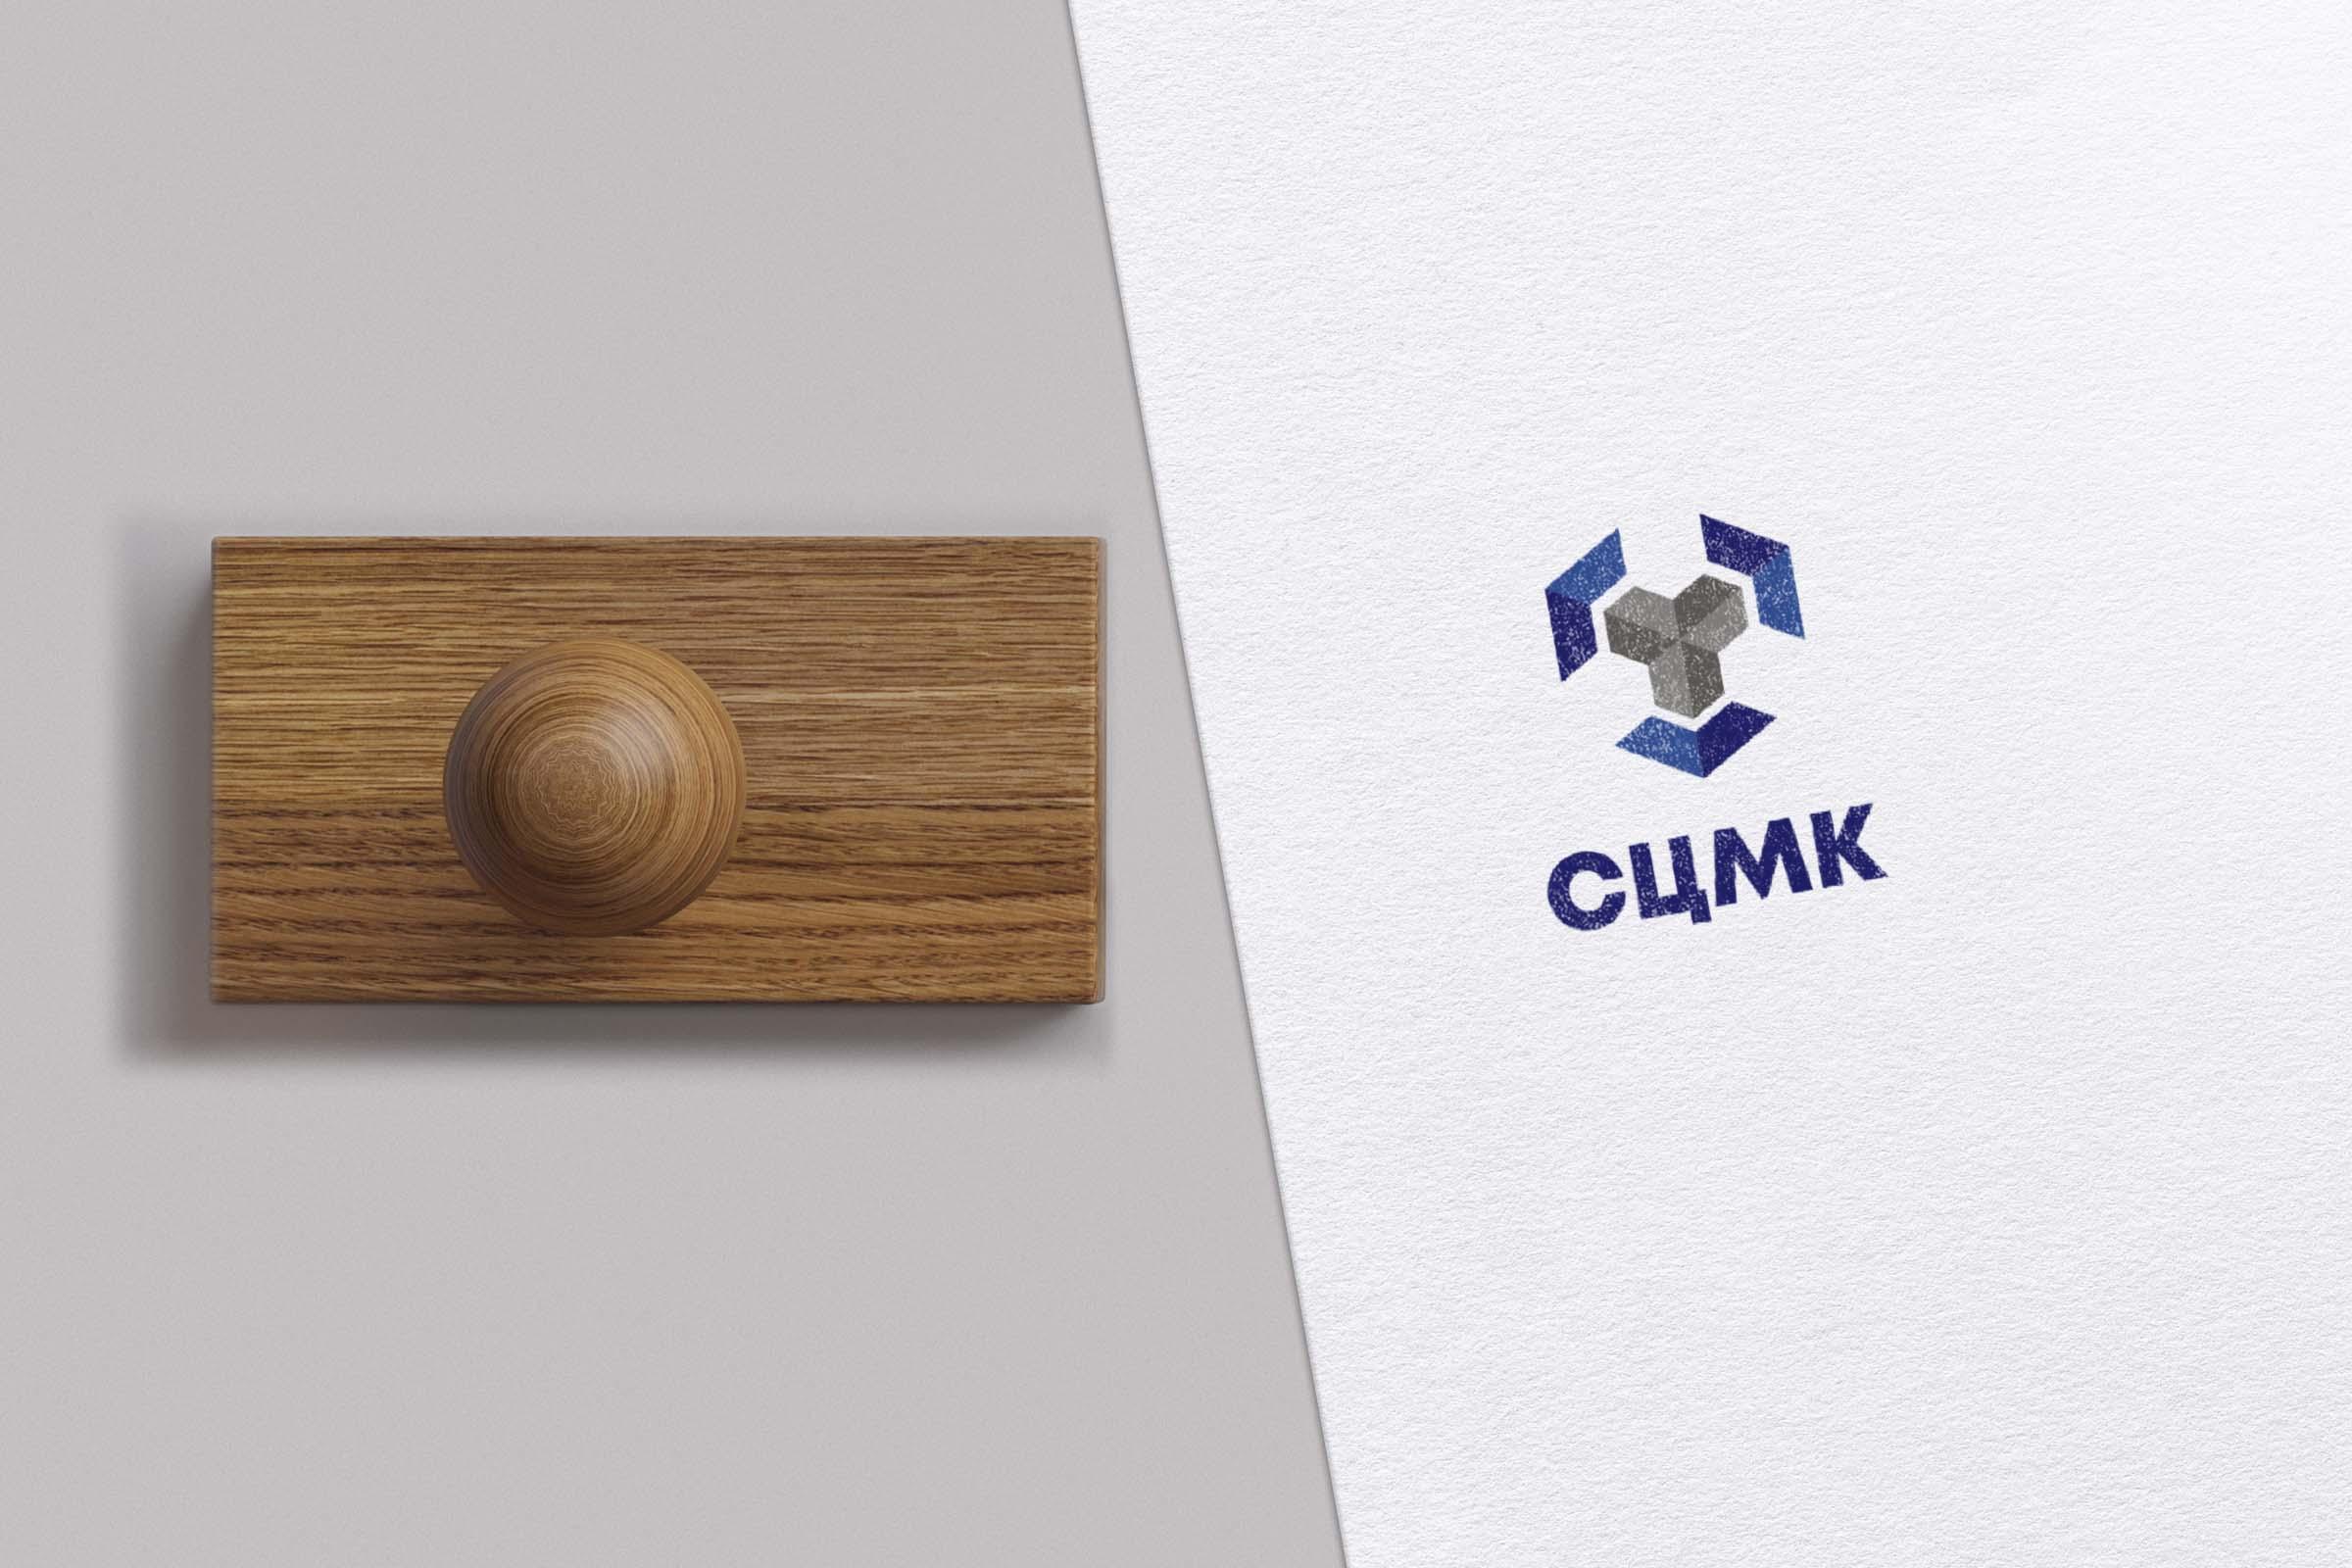 Разработка логотипа и фирменного стиля фото f_5695adb8d7ecd05f.jpg